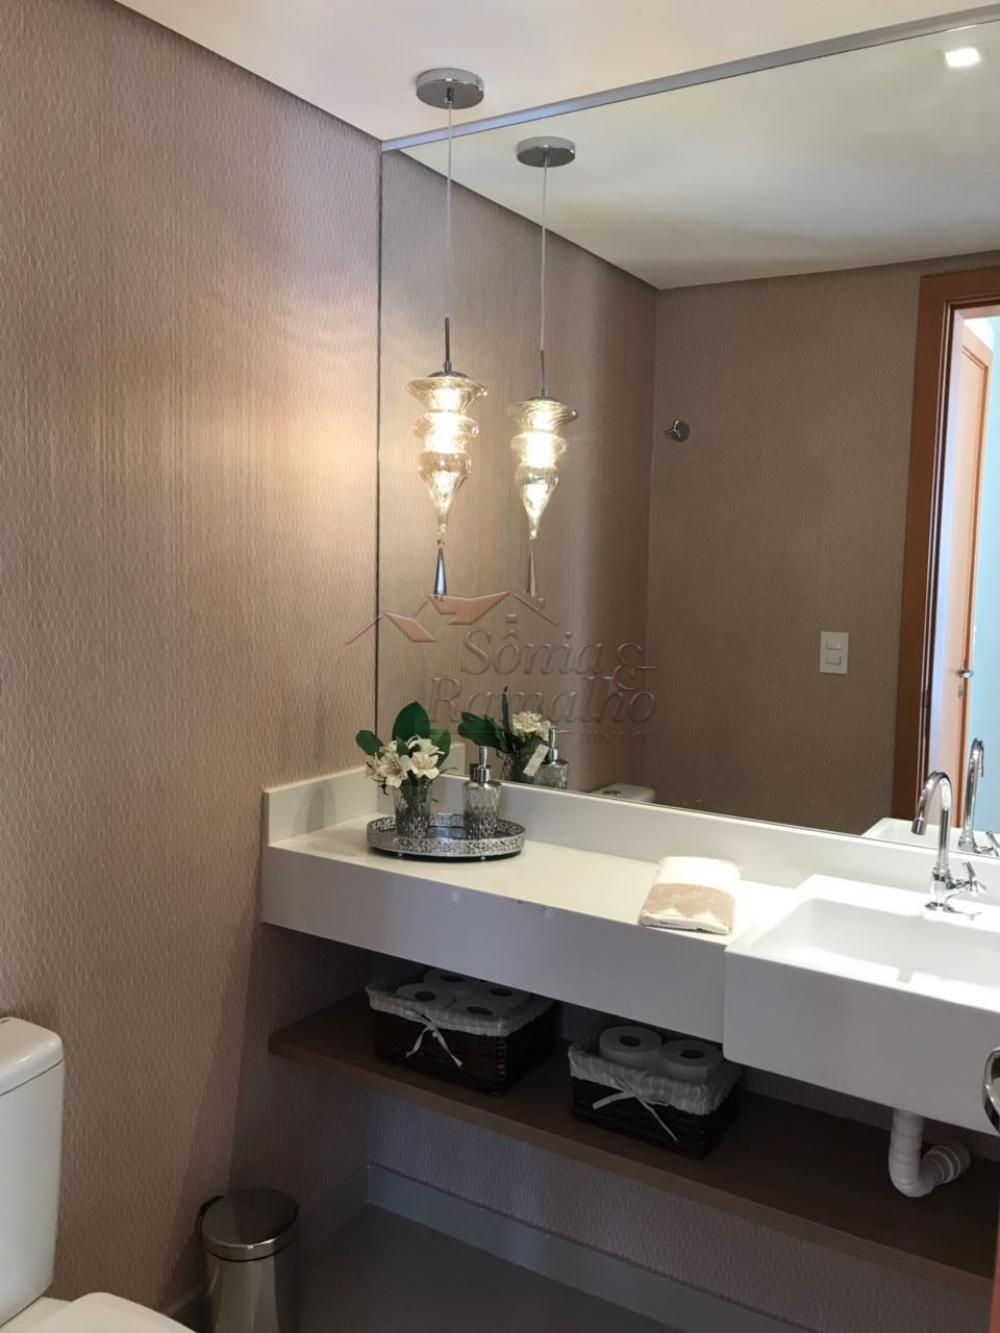 Comprar Apartamentos / Padrão em Ribeirão Preto apenas R$ 650.000,00 - Foto 22